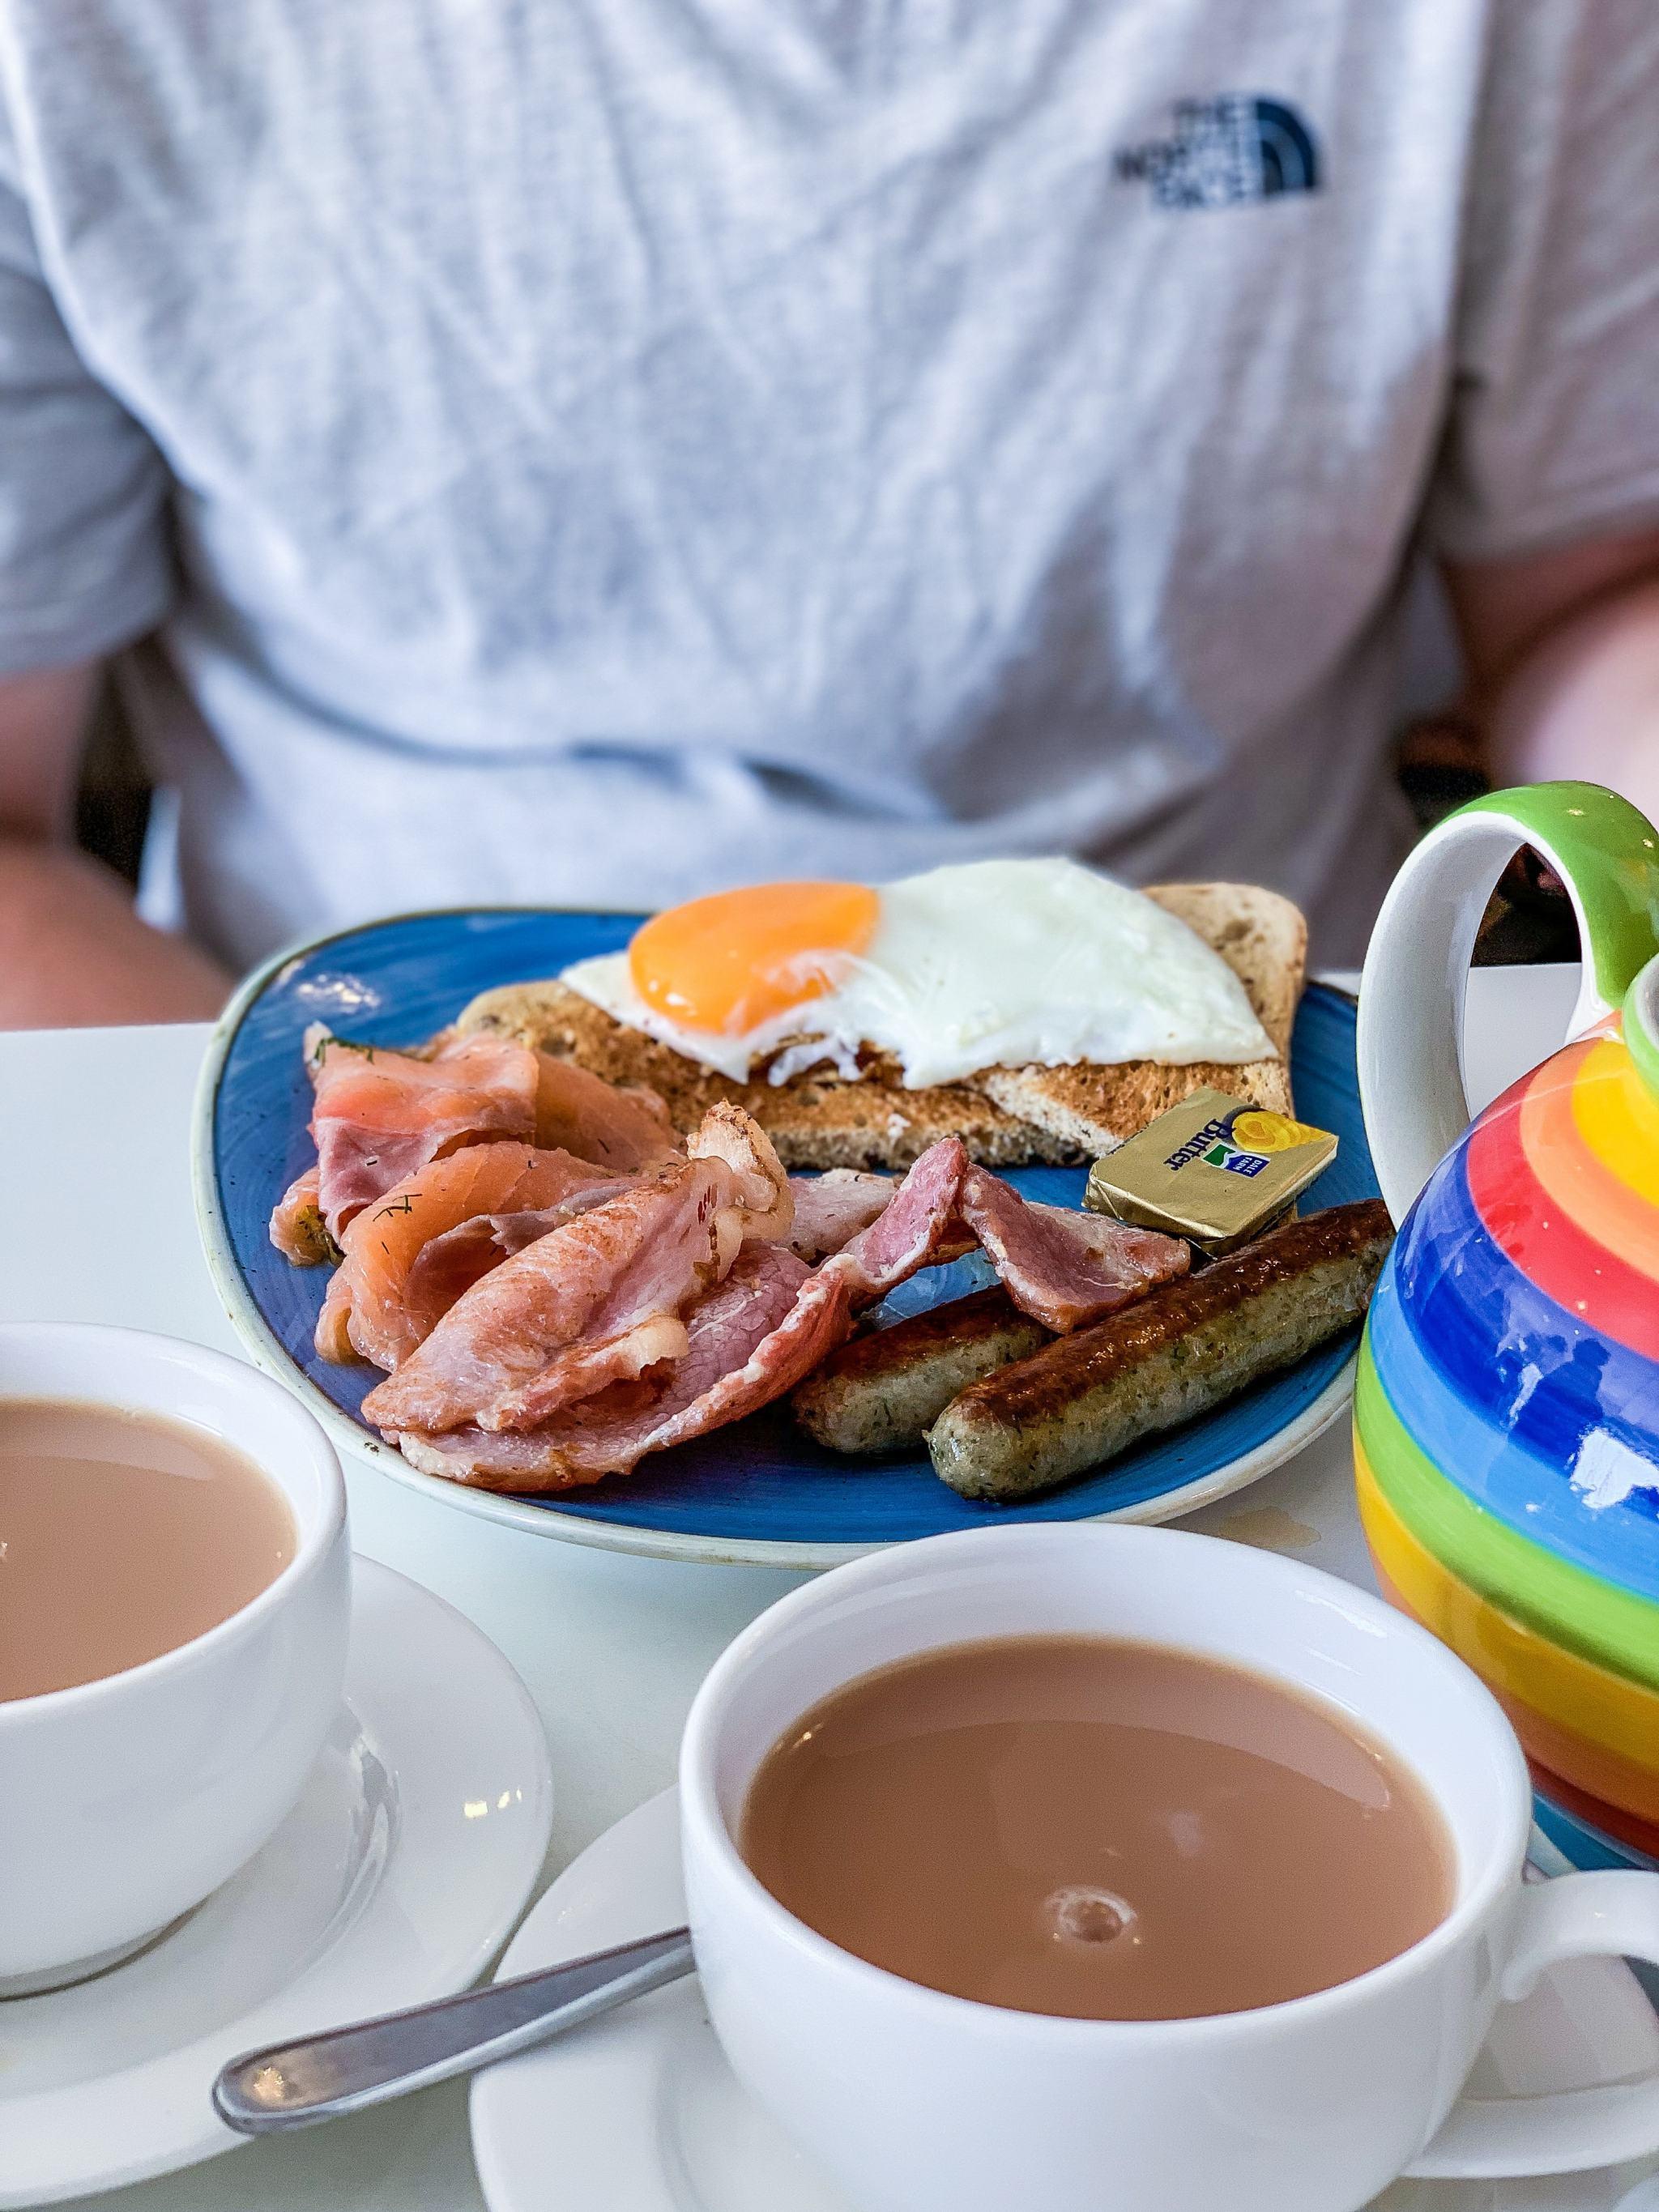 bacon, smoked salmon, sausage and egg breakfast